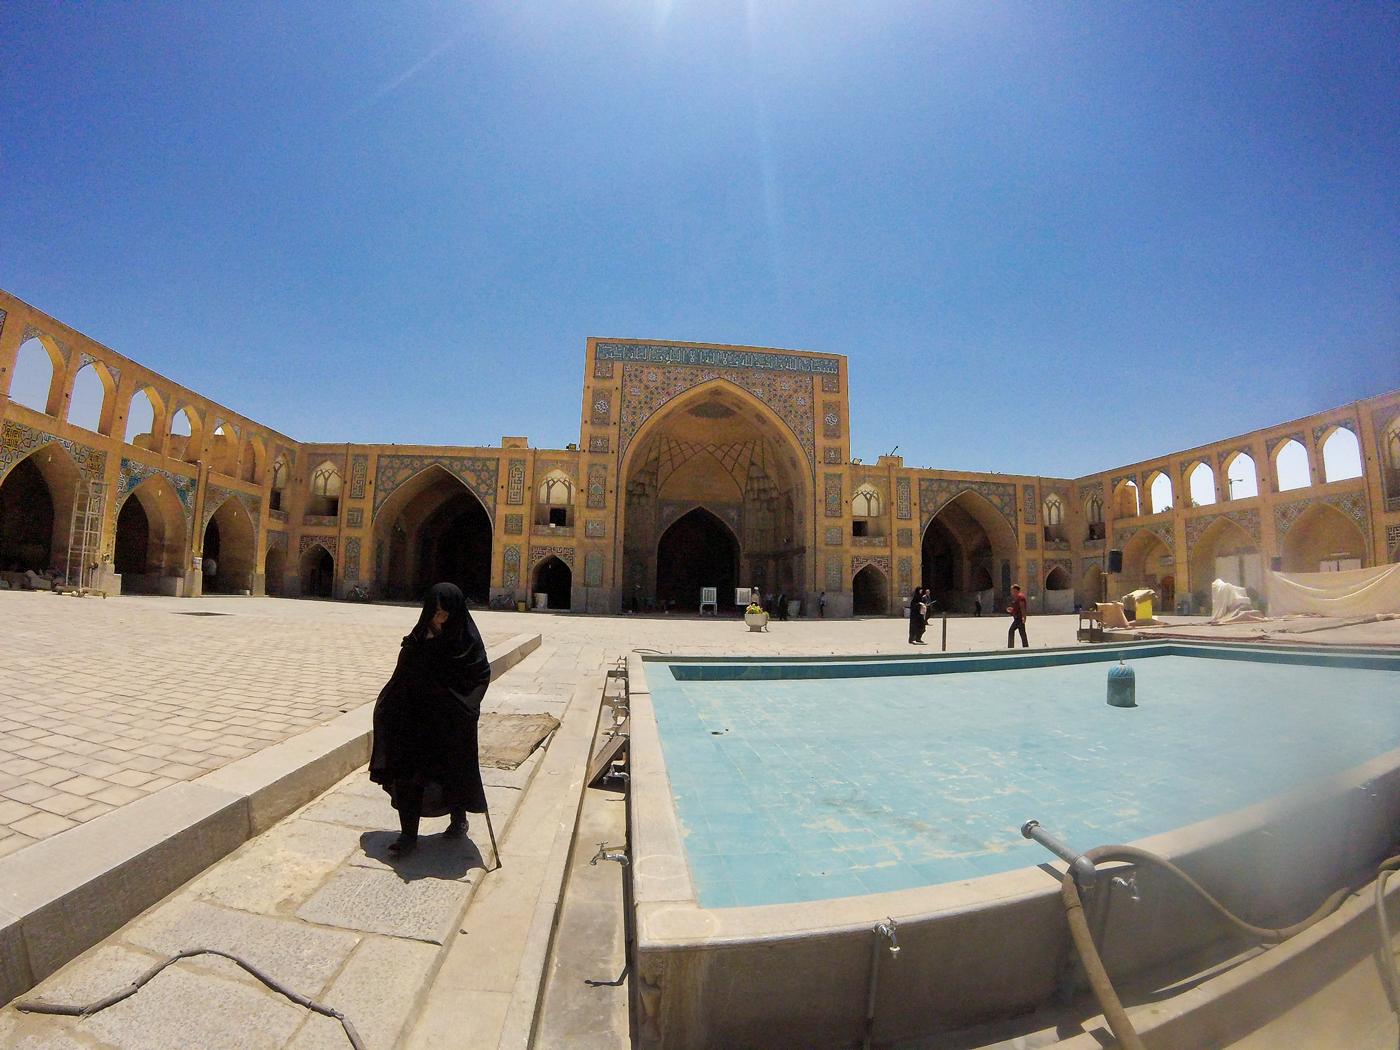 Voyage à vélo, traverser l'Iran à vélo, mosquée Hakim à Isfahan. Cycling travel, biketouring, cycling Iran, Hakim mosque in Isfahan.